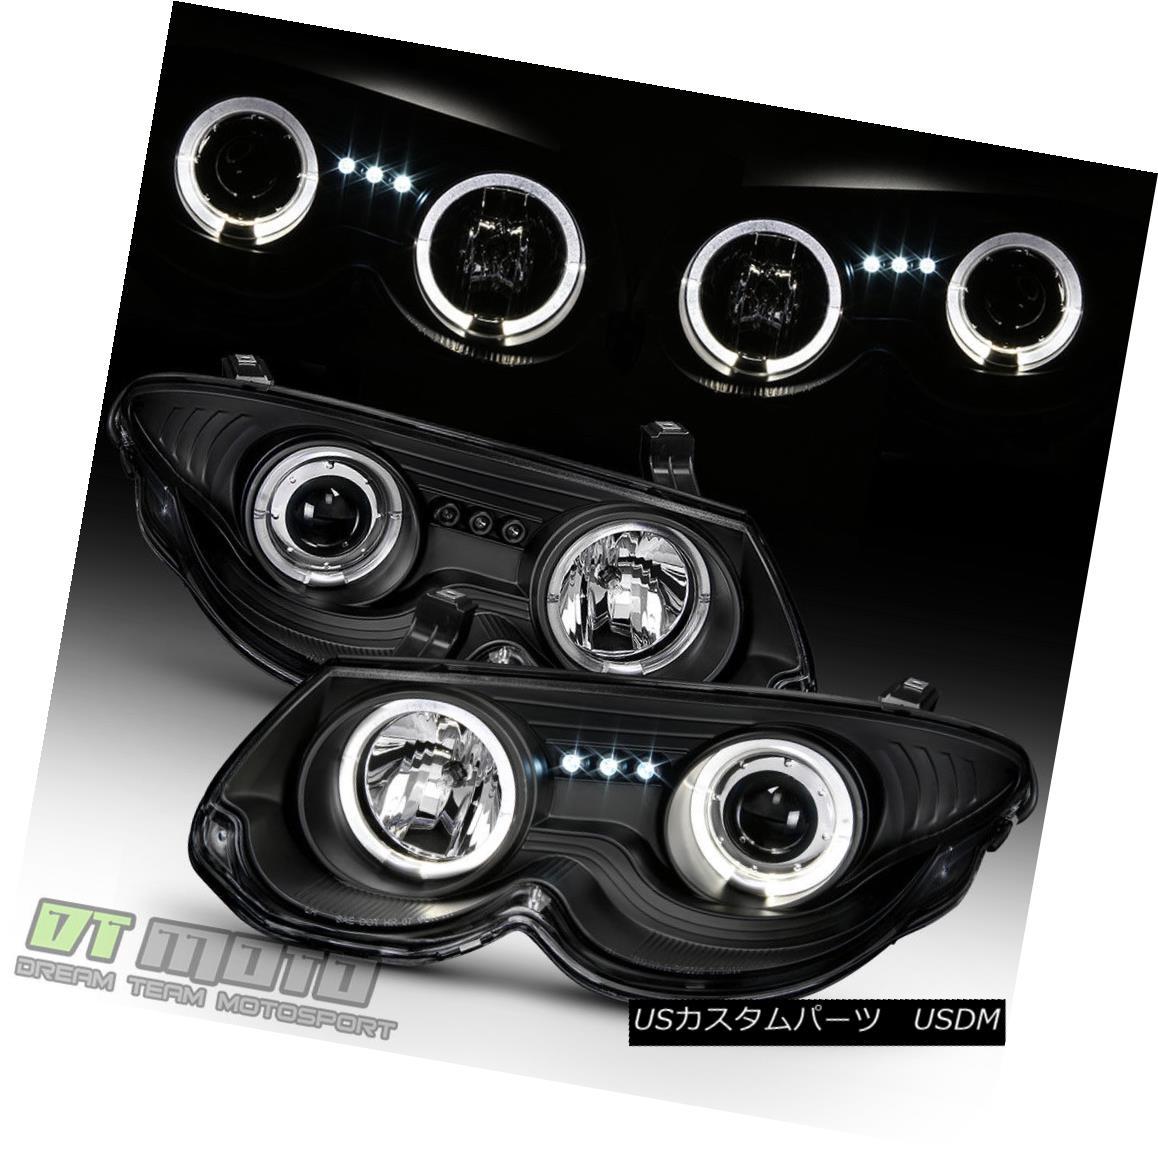 ヘッドライト 1999-2004 Chrysler 300M Halo Projector LED Black Headlights Headlamps Left+Right 1999-2004クライスラー300MハロープロジェクターLEDブラックヘッドライトヘッドランプ左+右